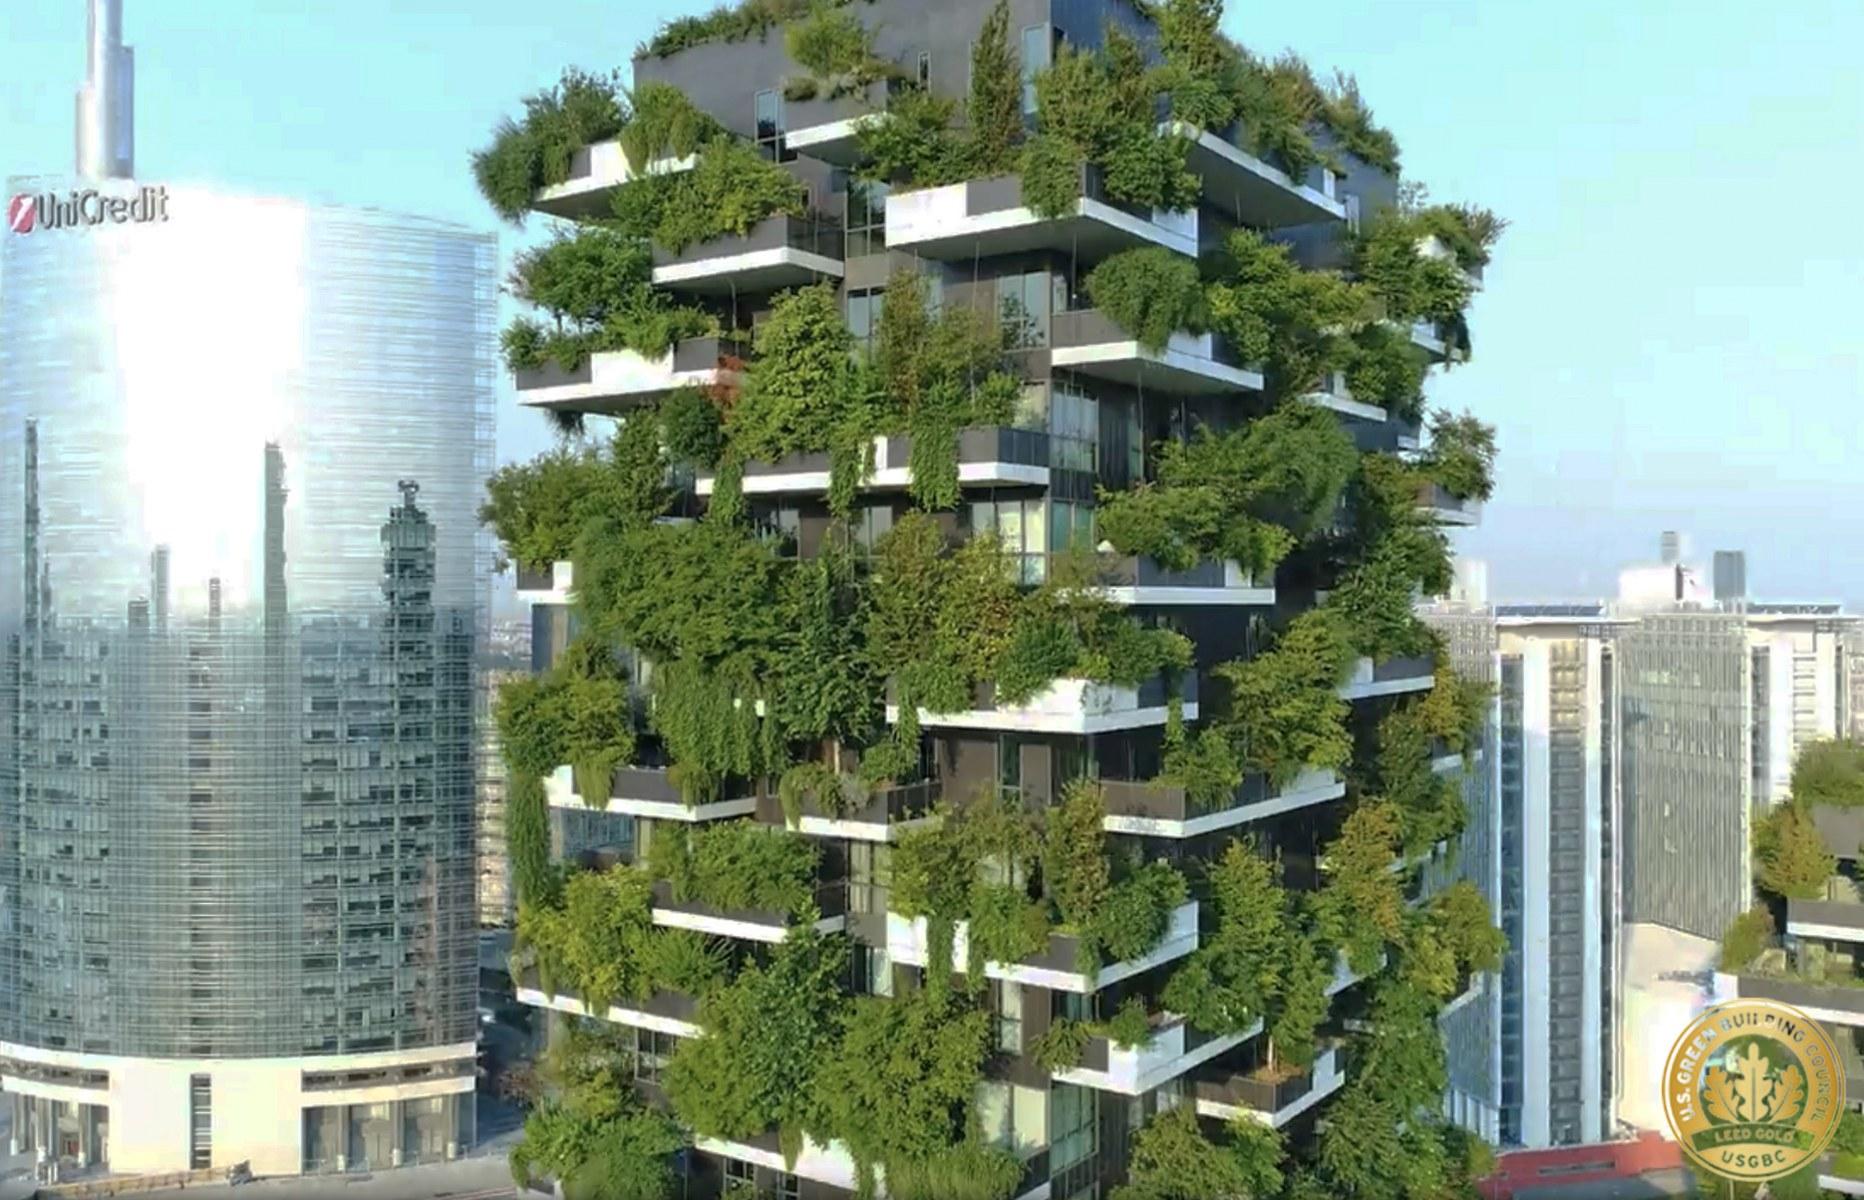 Floresta vertical de Milão